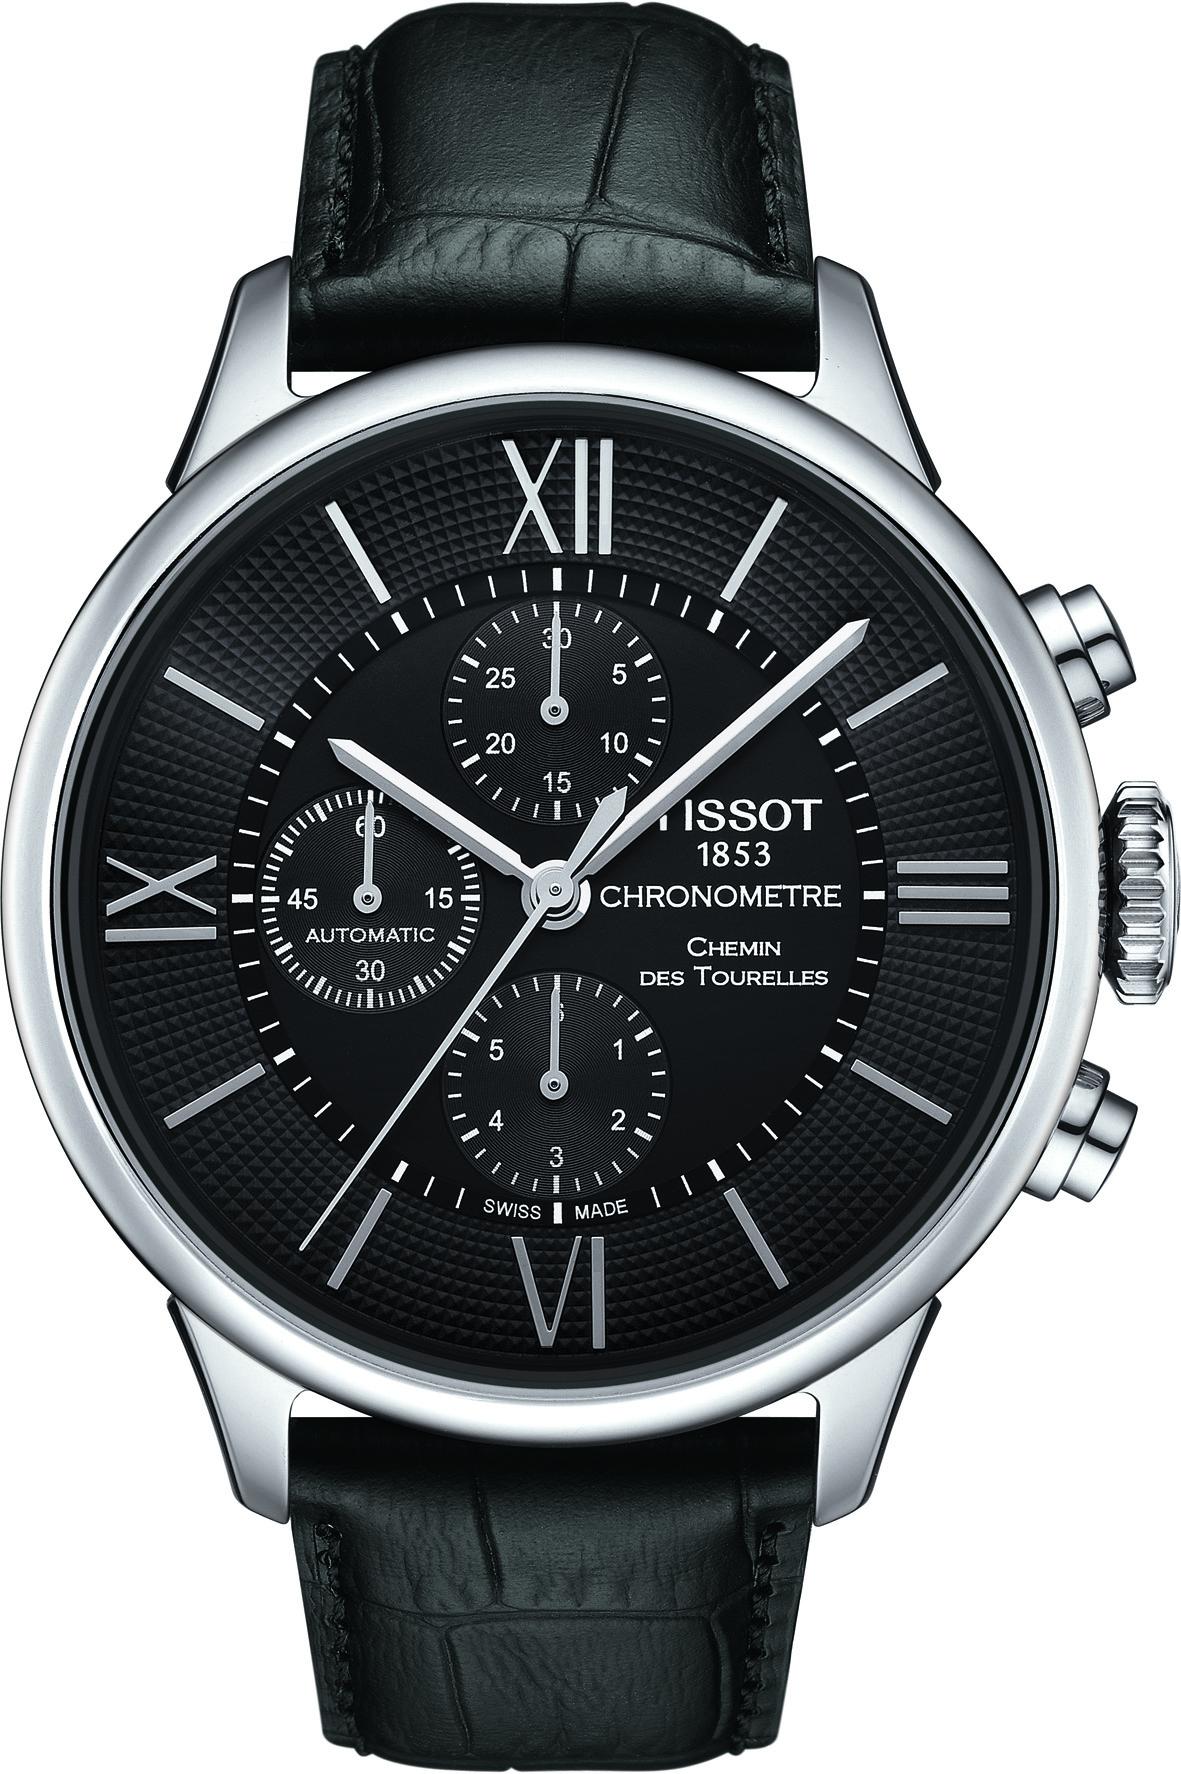 Tissot_Chemin_des_Tourelles_Chronometer